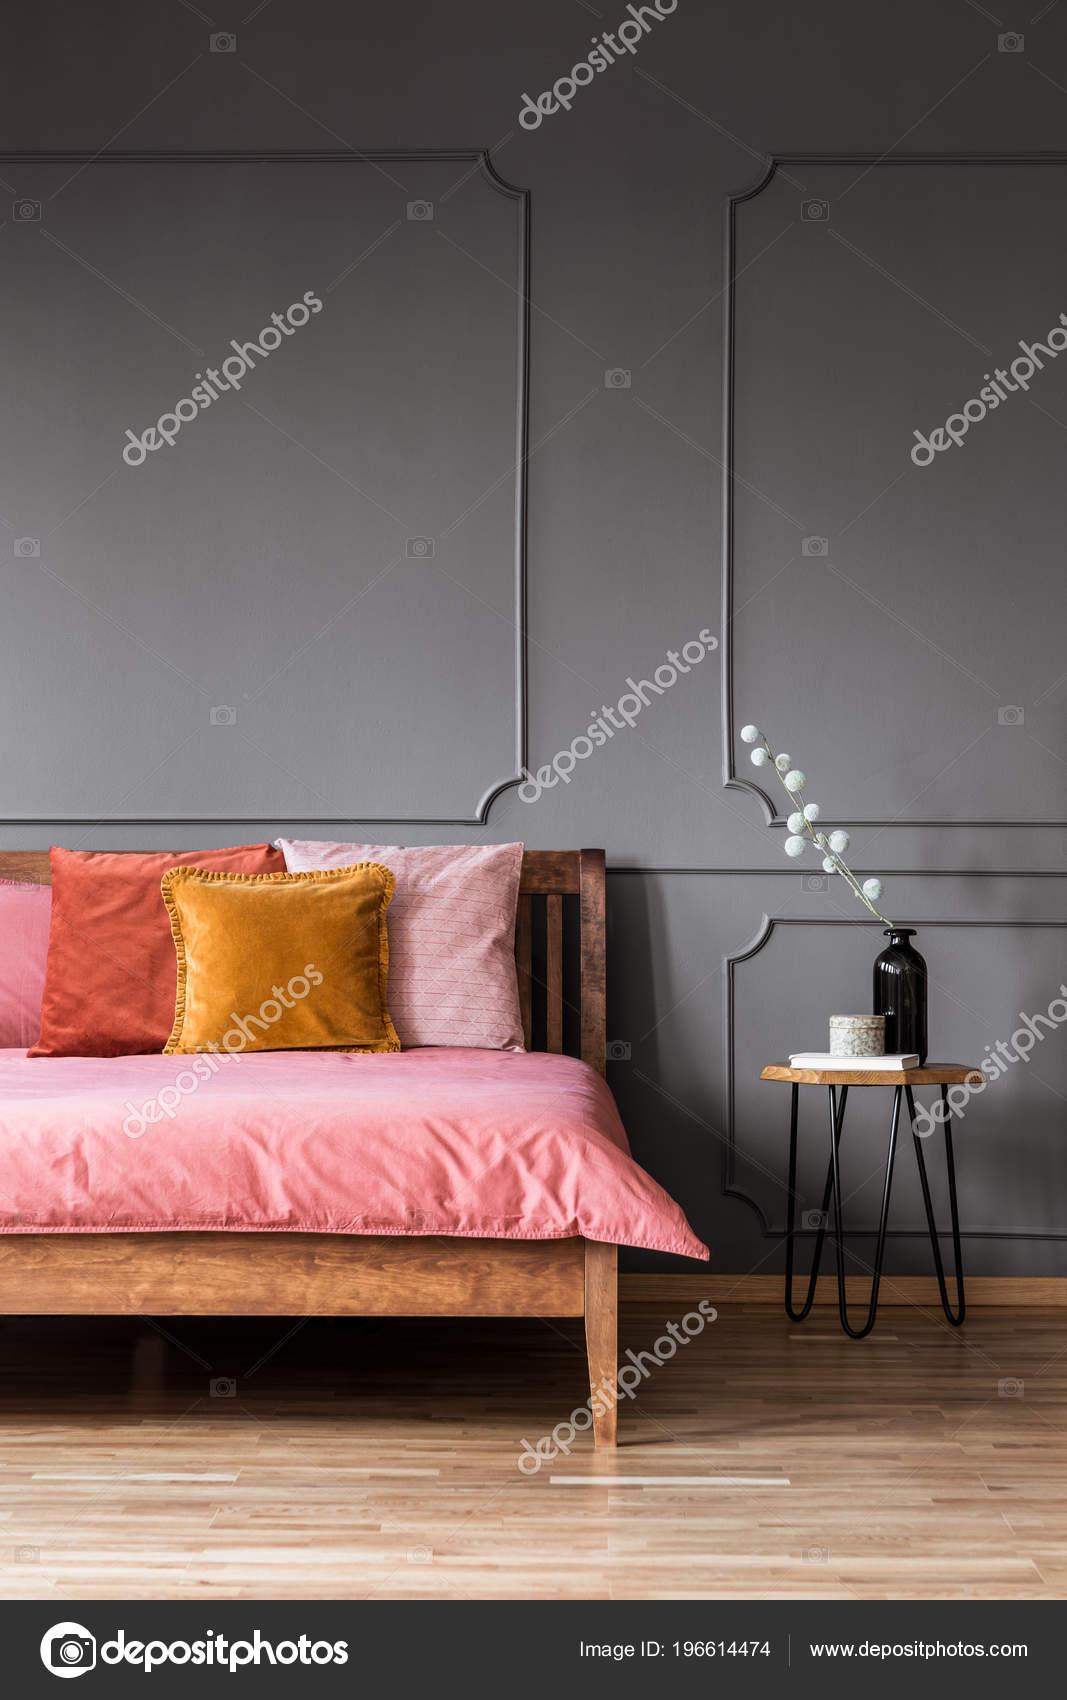 Bunte Kissen Auf Rosa Holzbett Grau Schlafzimmer Innenraum Mit Formen U2014  Stockfoto